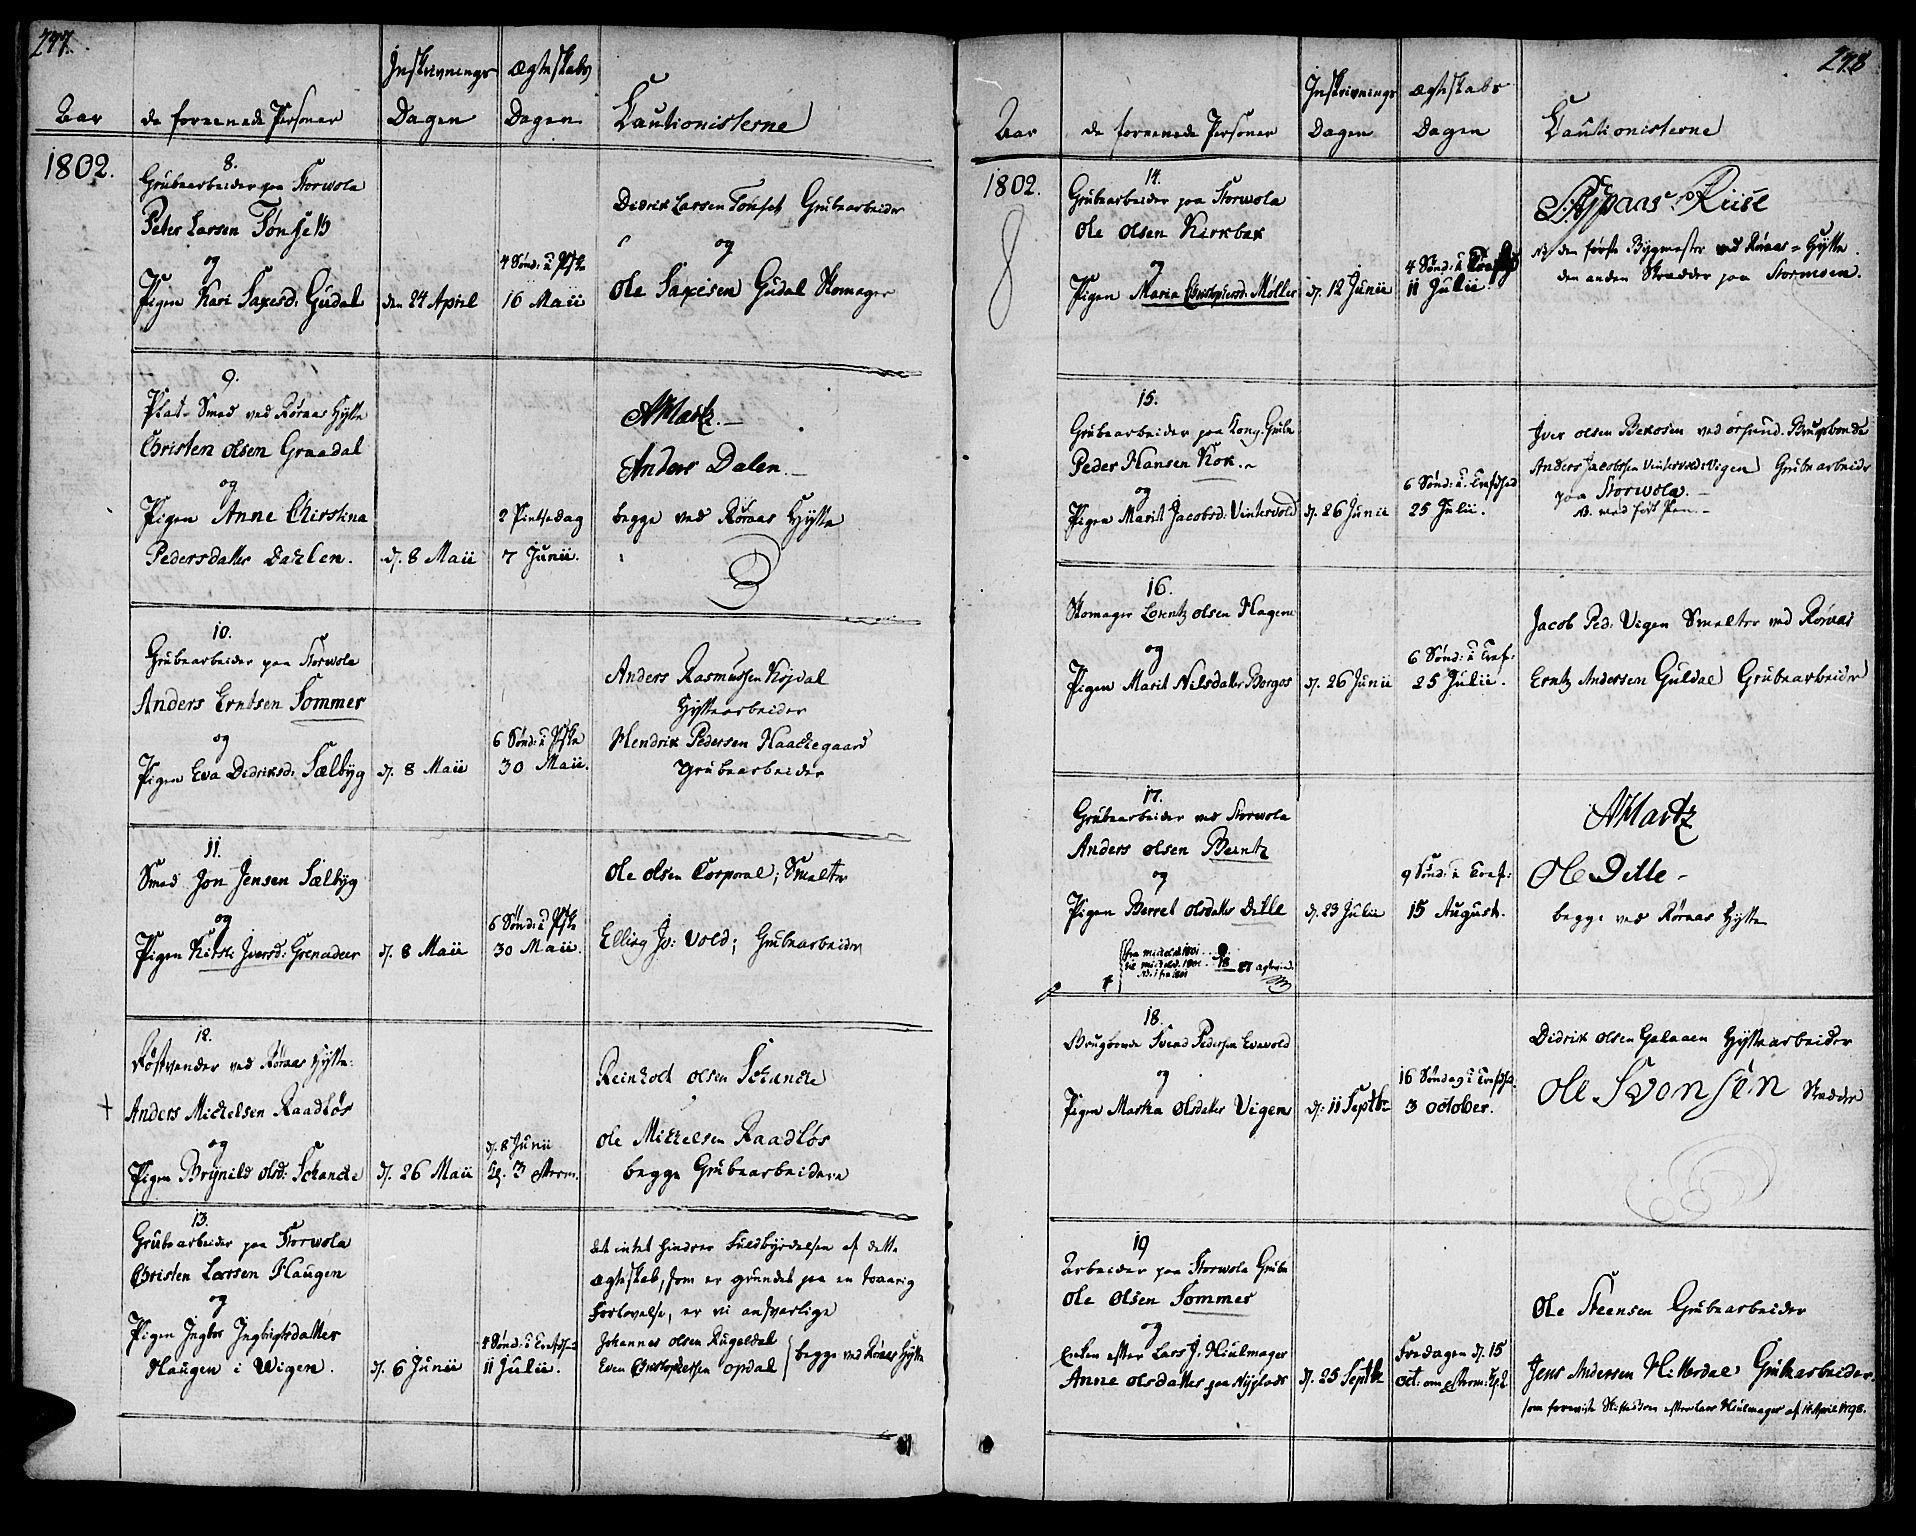 SAT, Ministerialprotokoller, klokkerbøker og fødselsregistre - Sør-Trøndelag, 681/L0927: Ministerialbok nr. 681A05, 1798-1808, s. 277-278